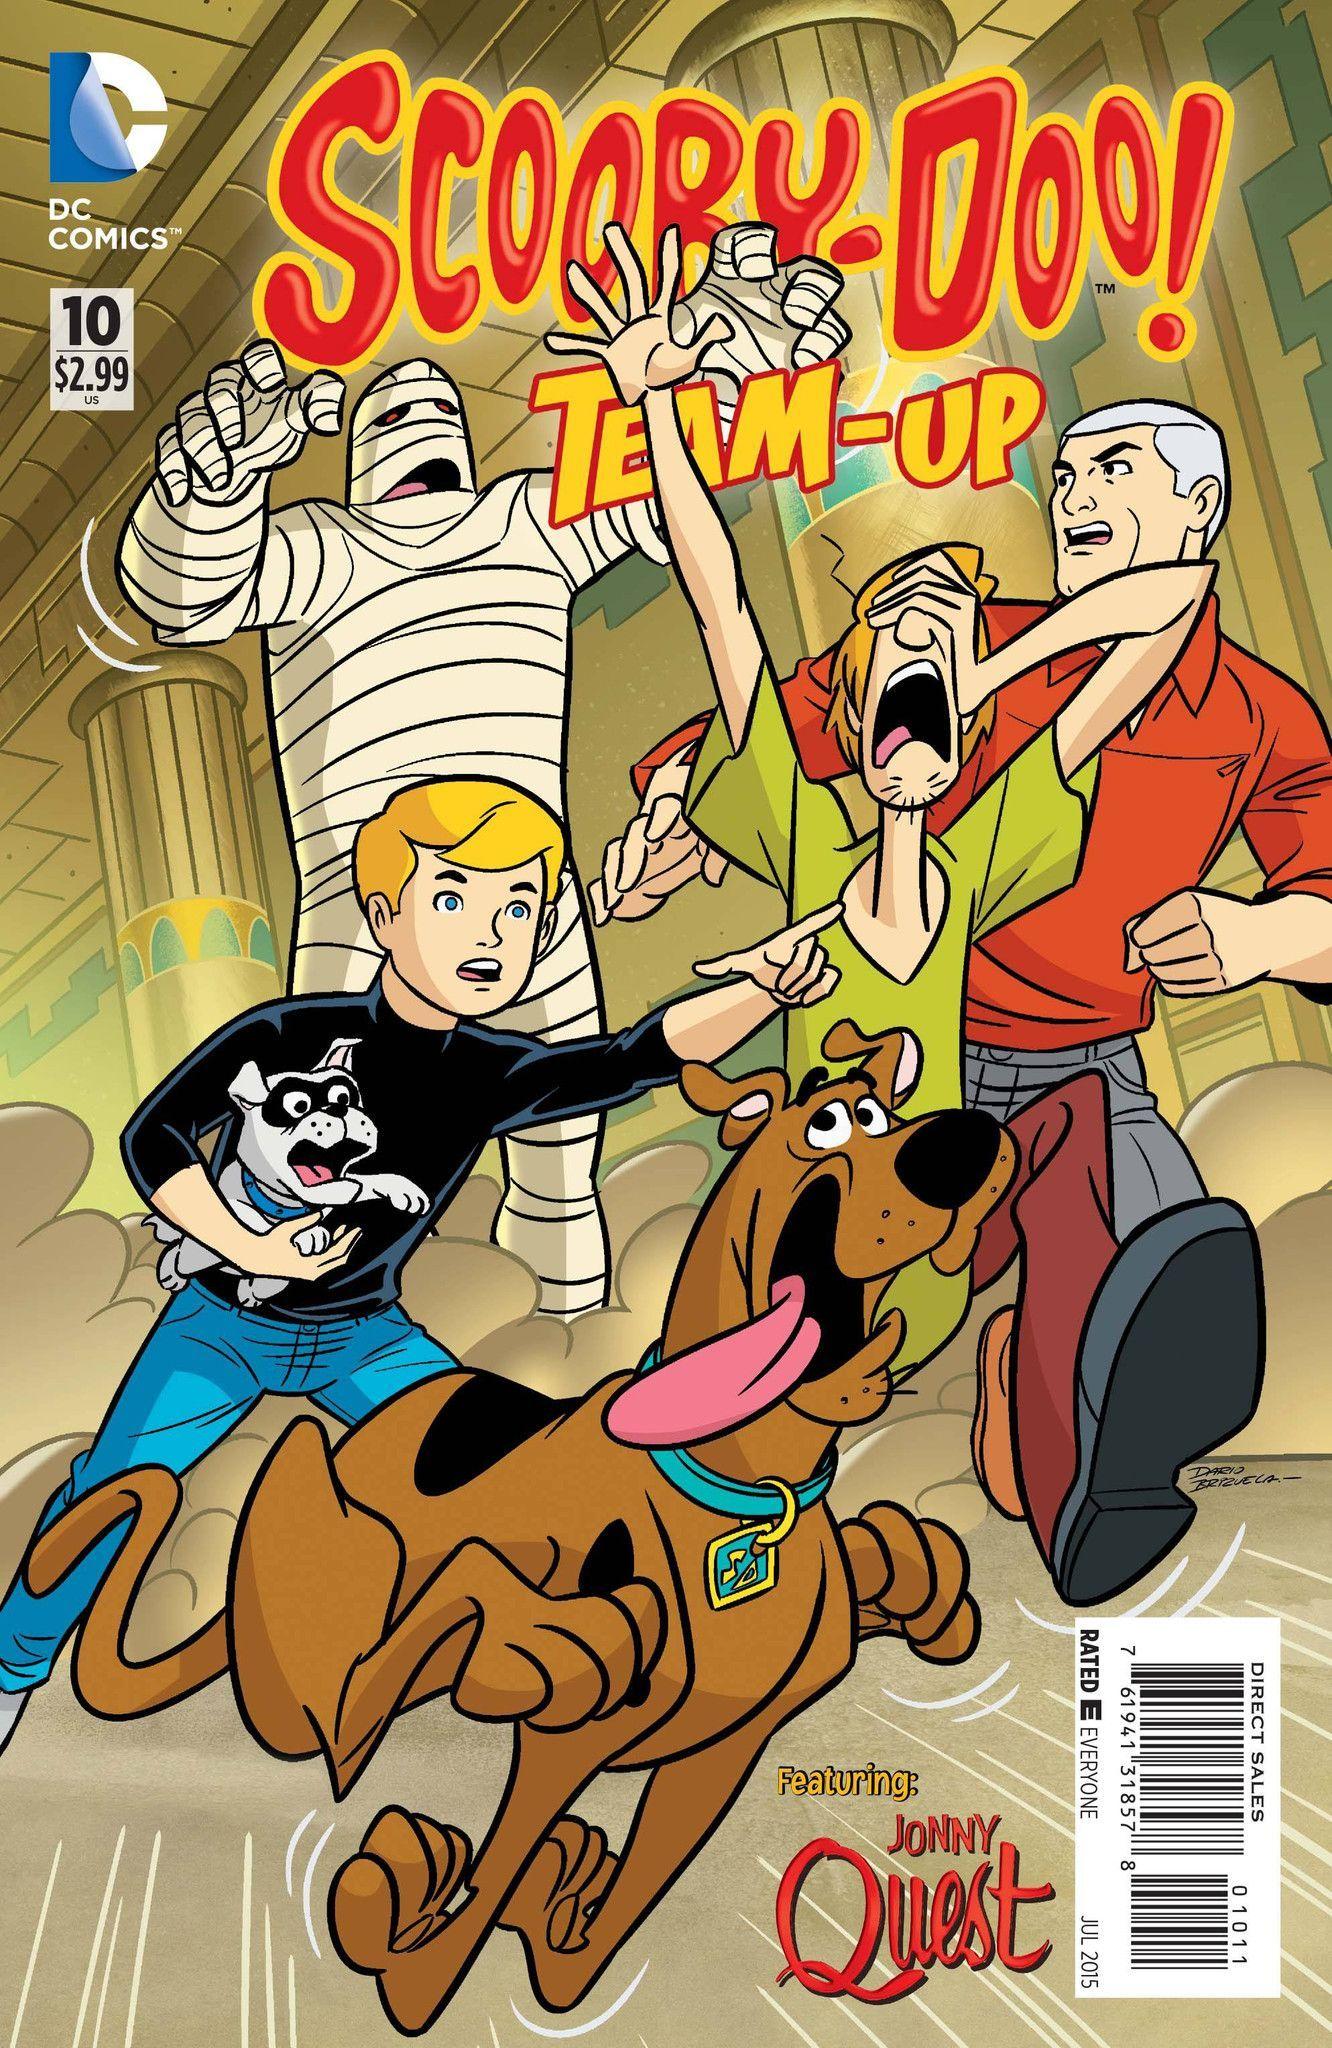 Scooby Doo Team Up 10